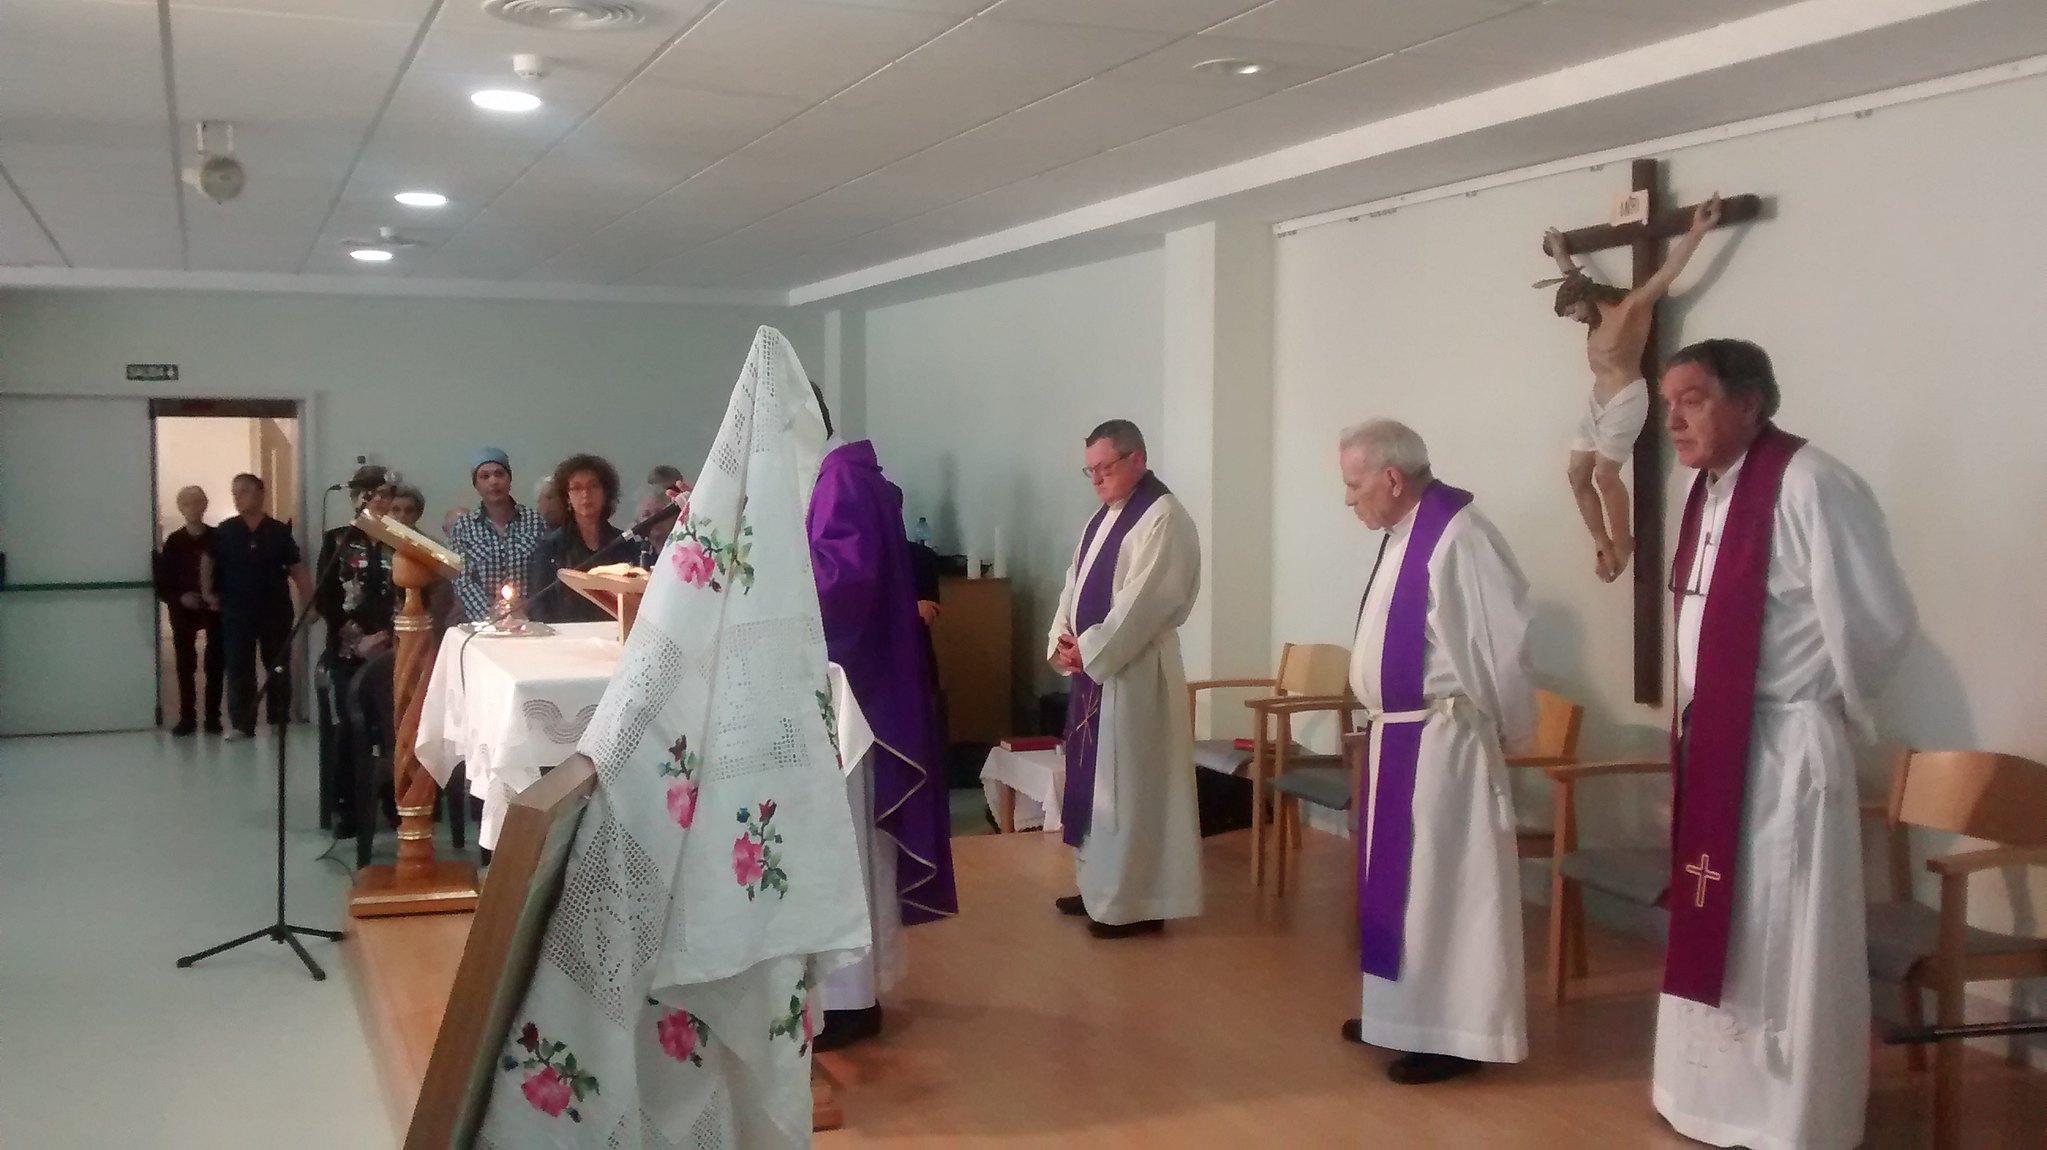 (2017-03-11) - Inauguración Teresa de Calcuta, La Molineta - José Vicente Romero Ripoll (03)